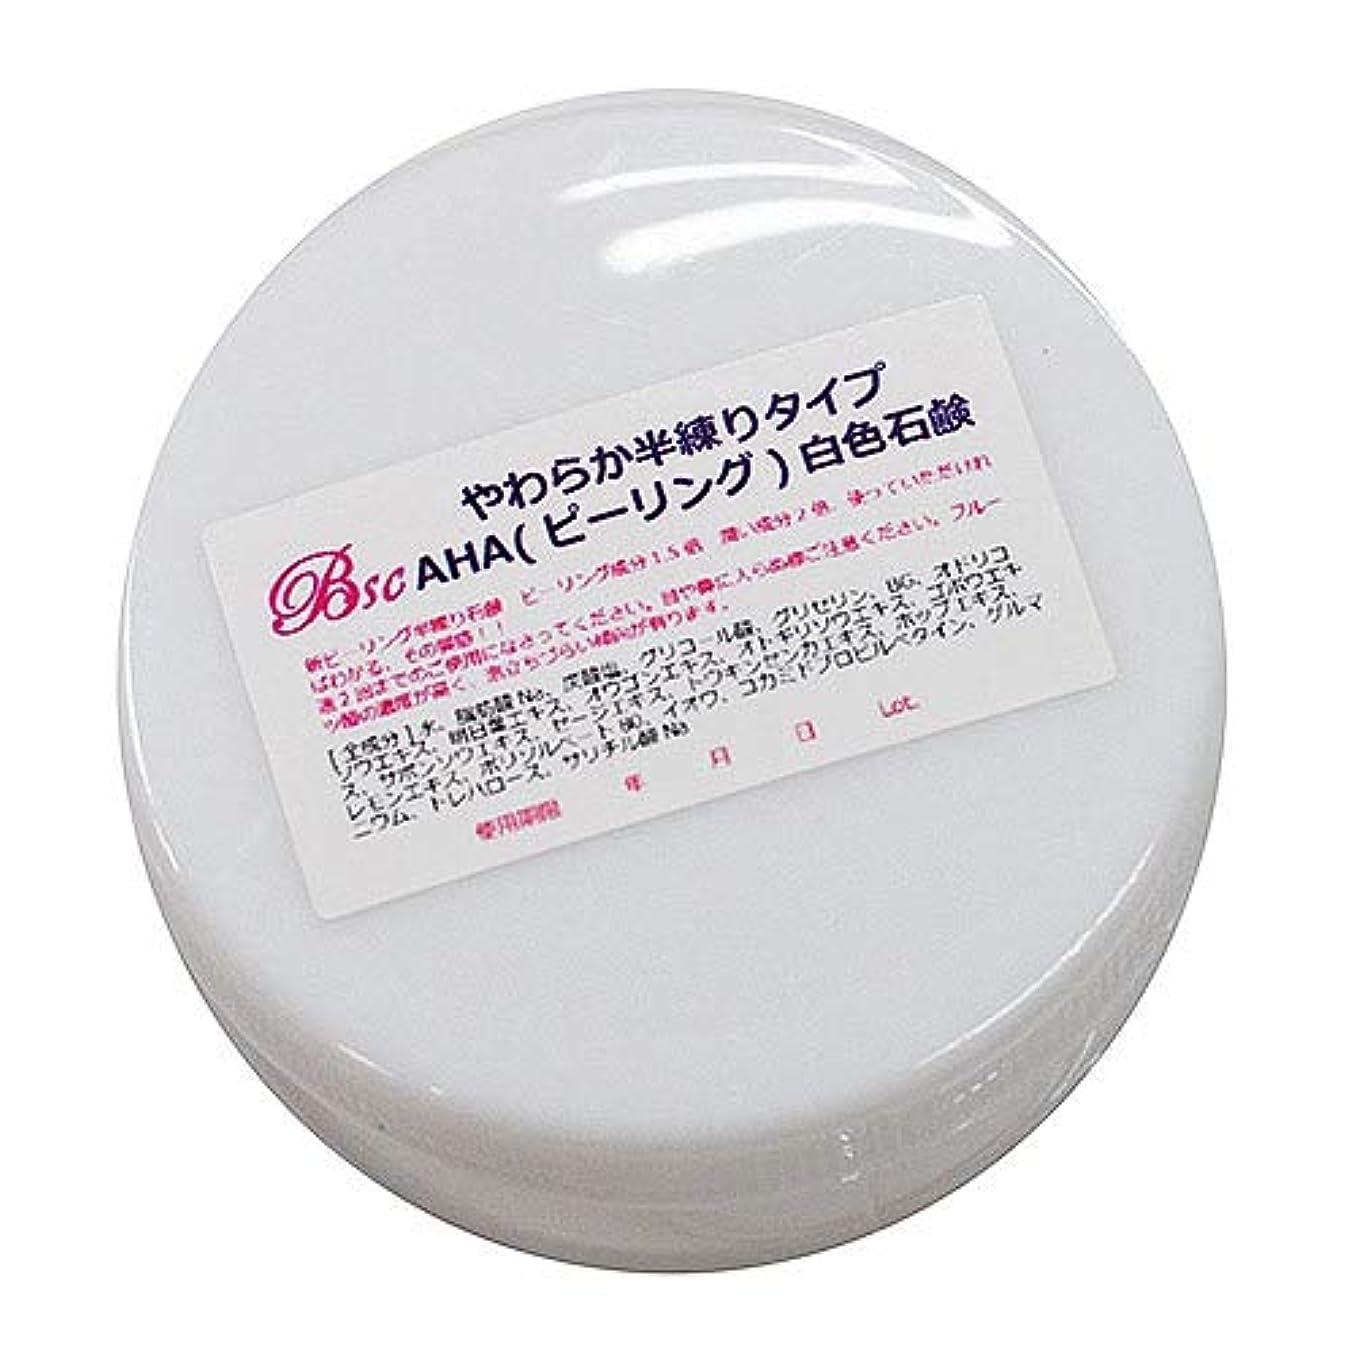 時計カウントアップ特にやわらかい半練りタイプAHA(ピーリング)石鹸?100g